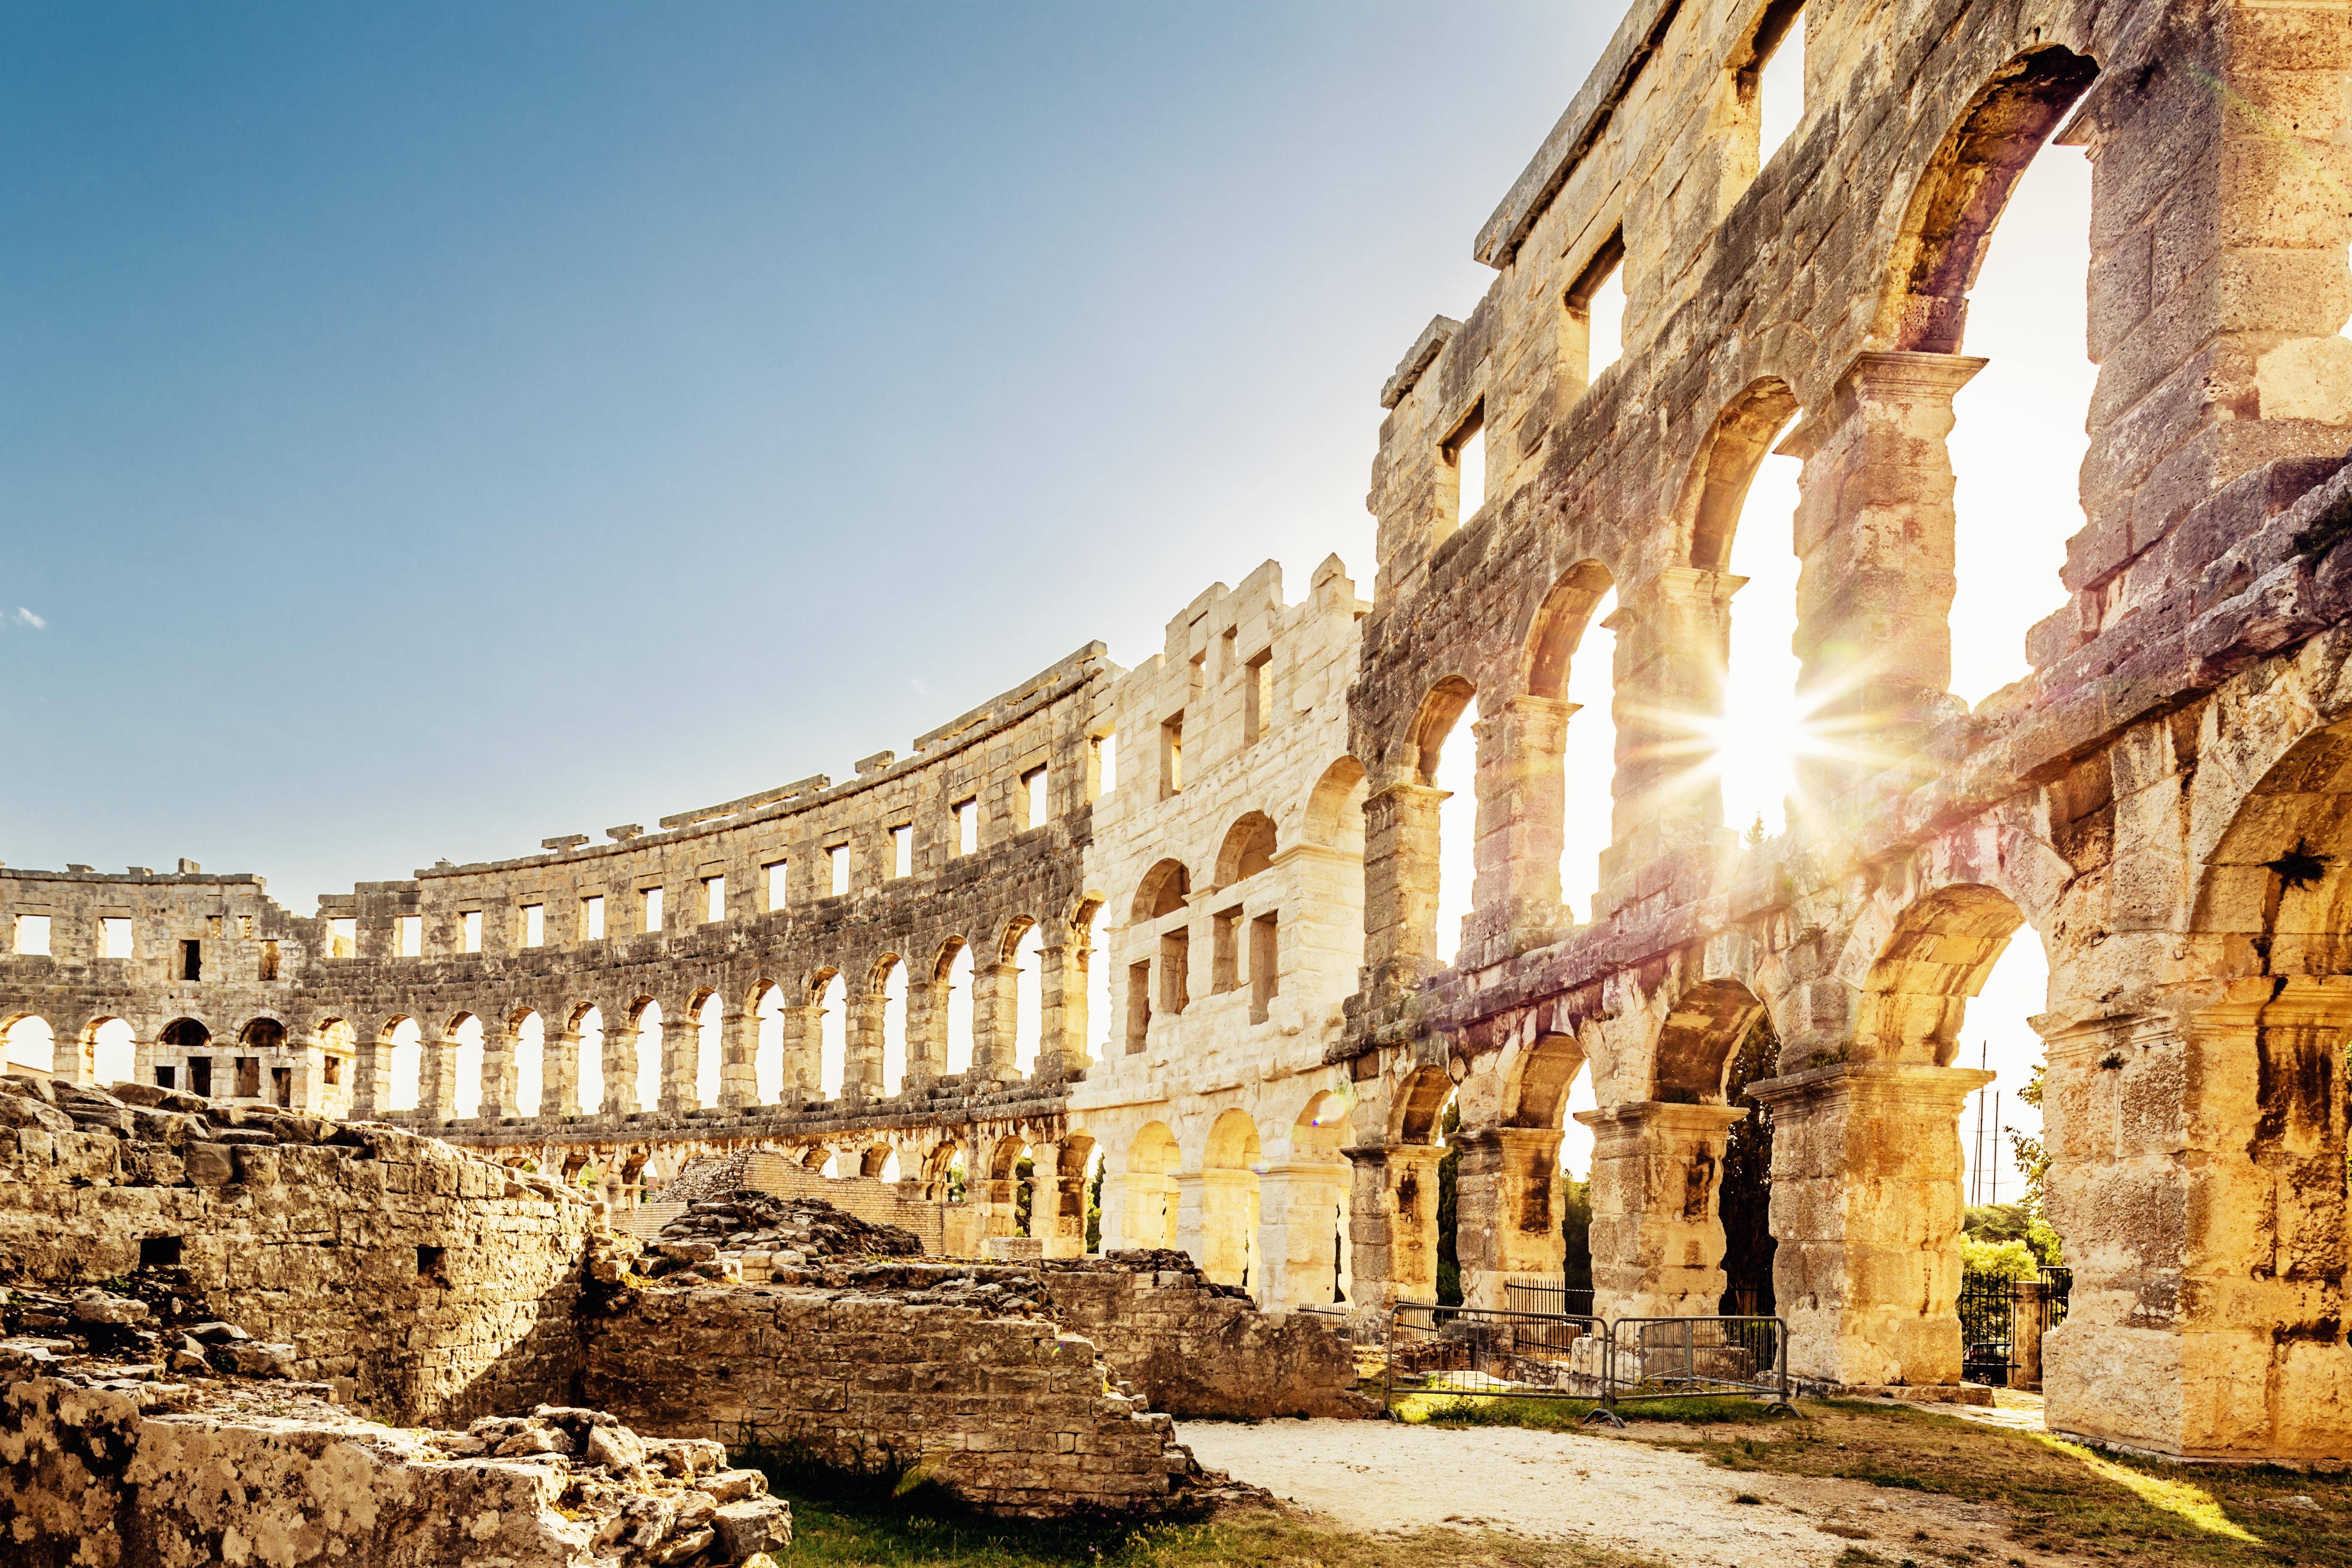 Revivir las batallas entre gladiadores en el anfiteatro de Pula - Croacia Circuito Gran tour de Croacia e Istria